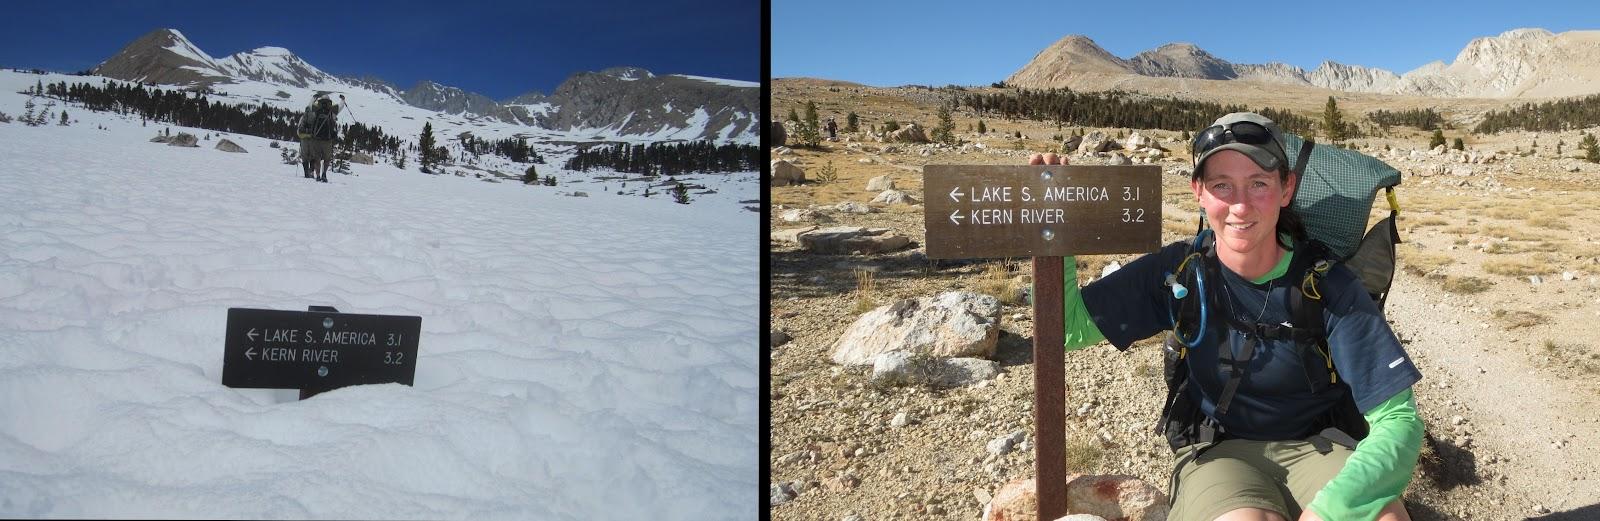 Sierra Comparison Photos Pacific Crest Trail Association